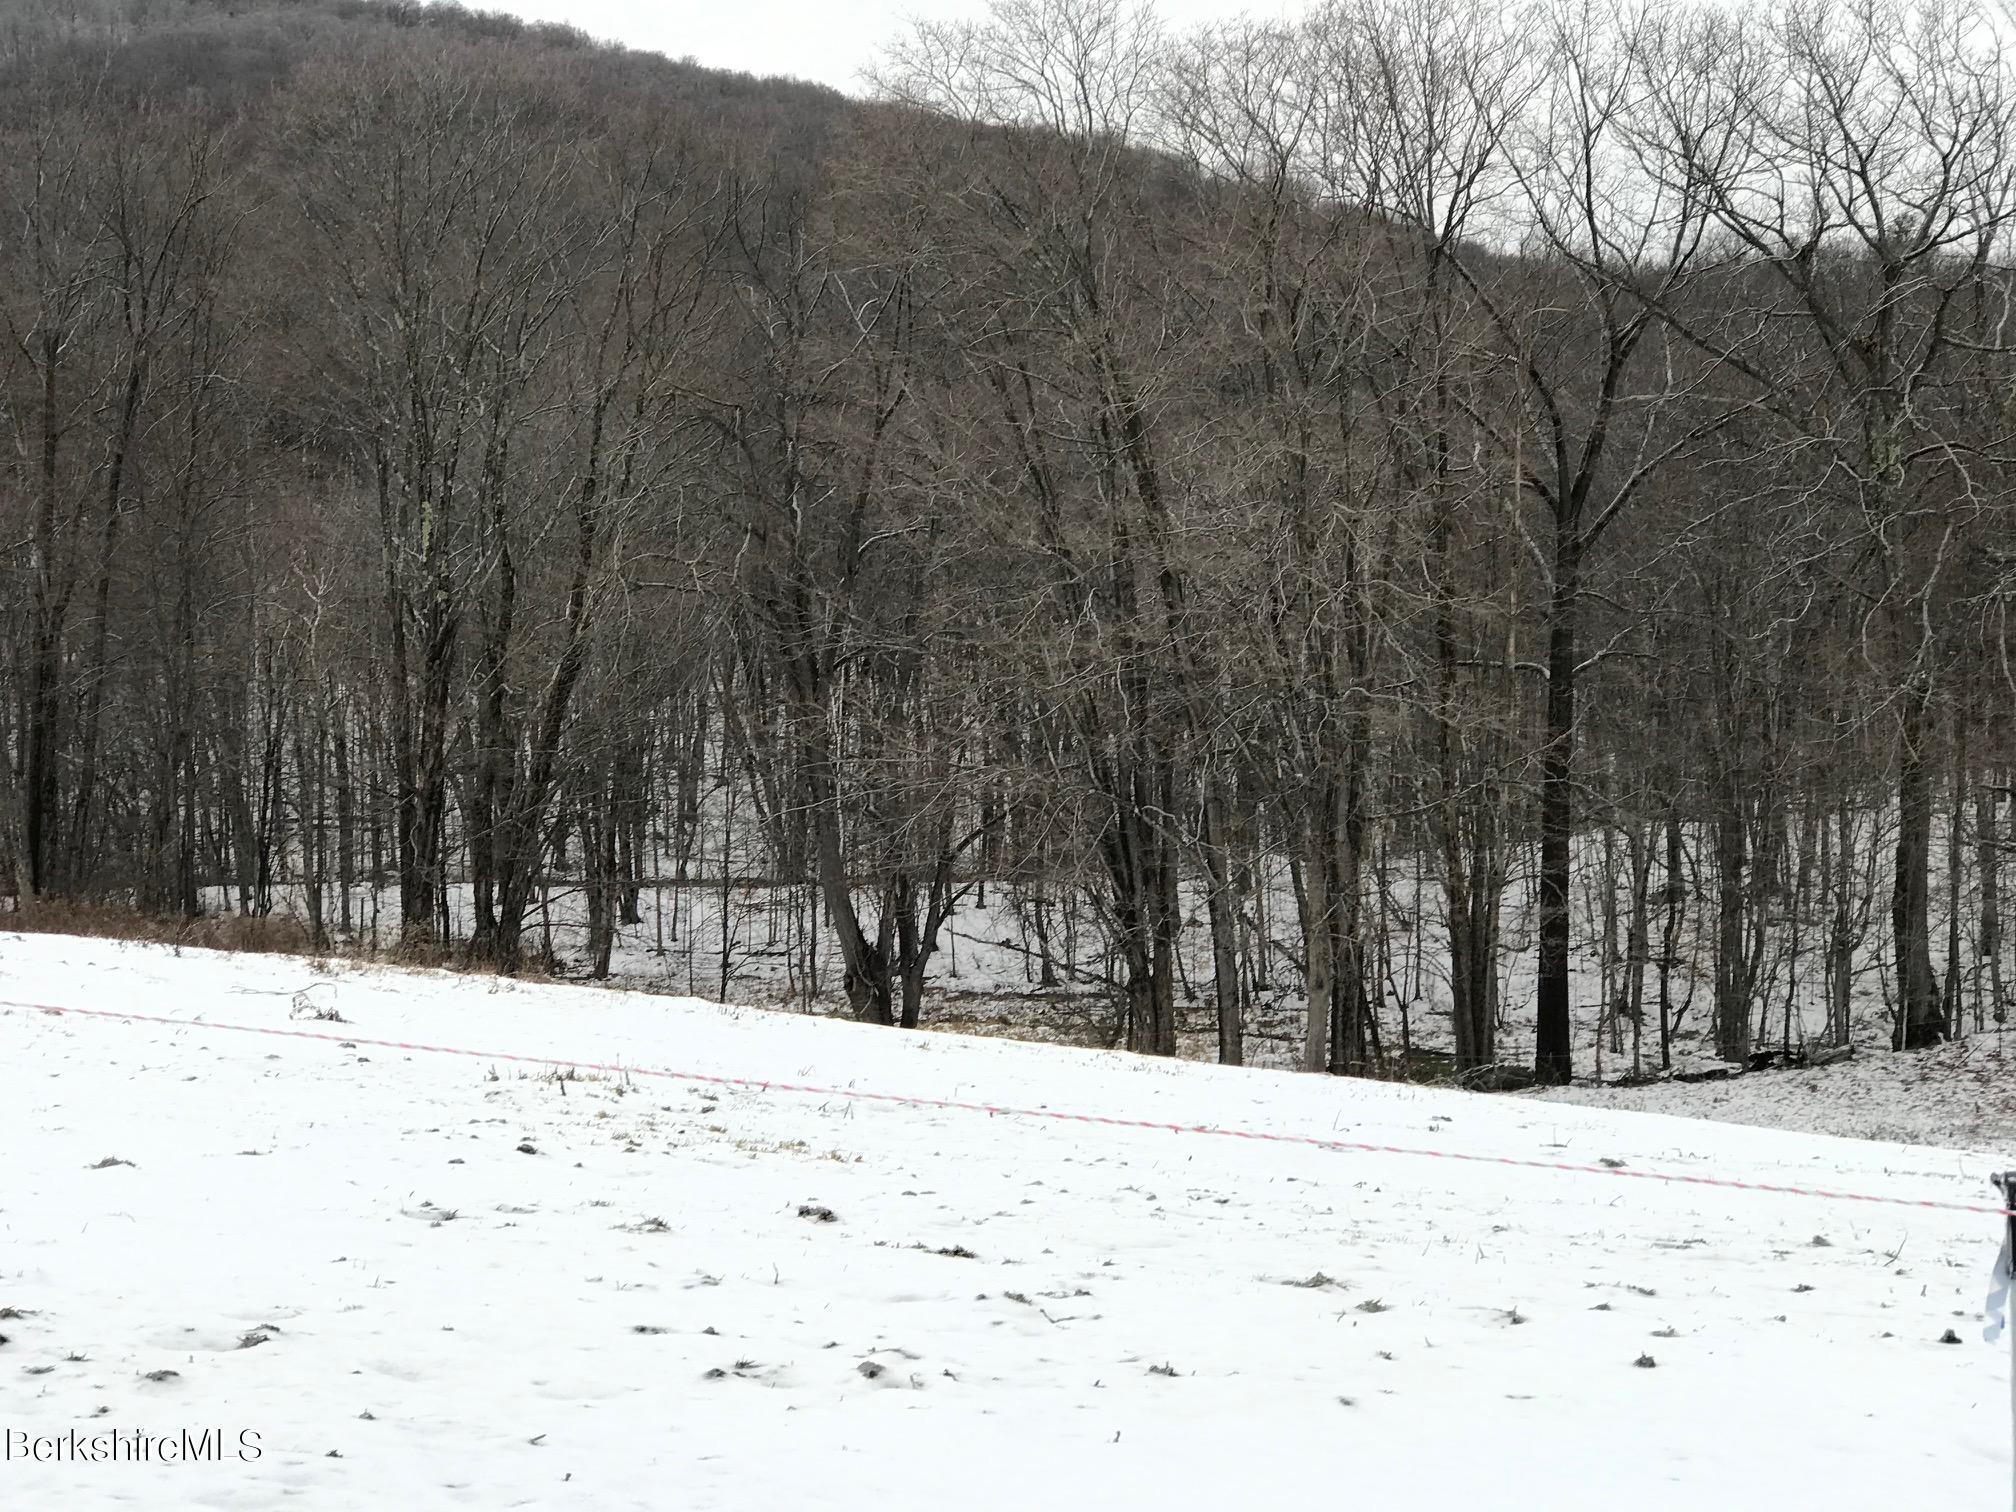 4.38 acres